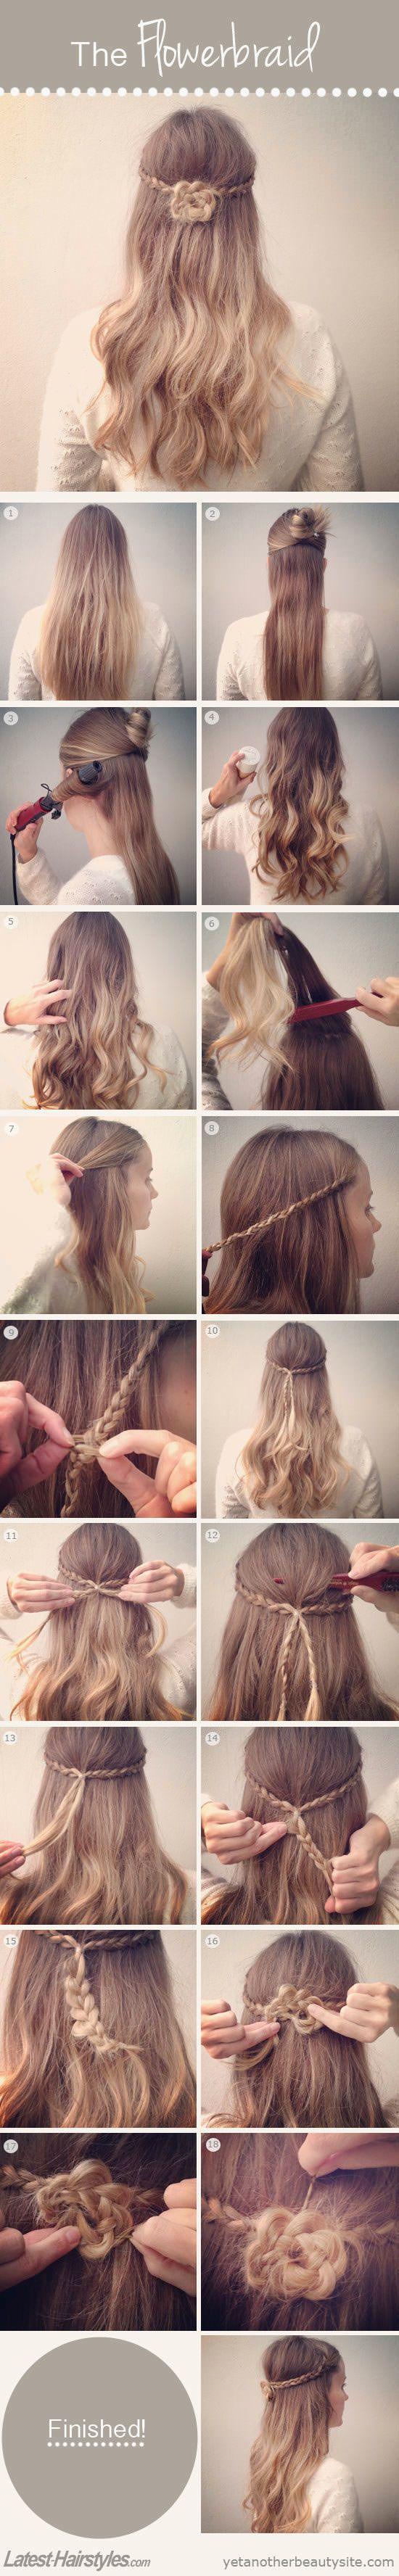 Amazing flowerbraid make up pinterest braid tutorials